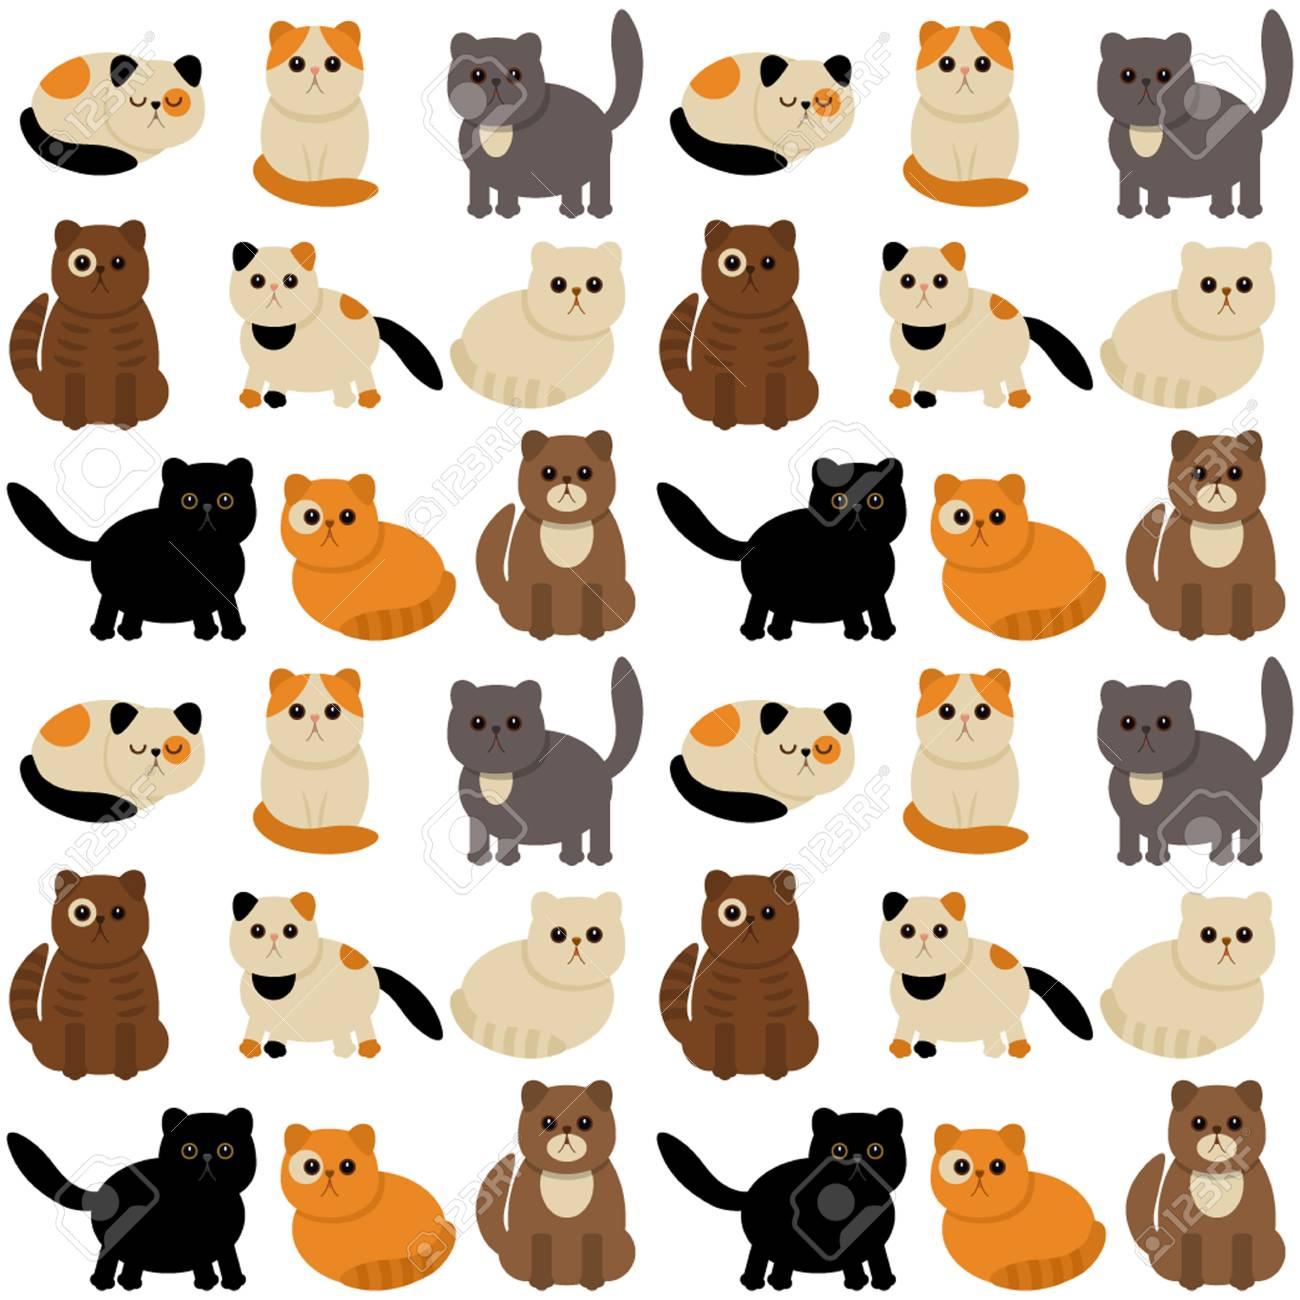 Personajes Divertidos Gatos Lindos En Estilo De Dibujos Animados. Un ...